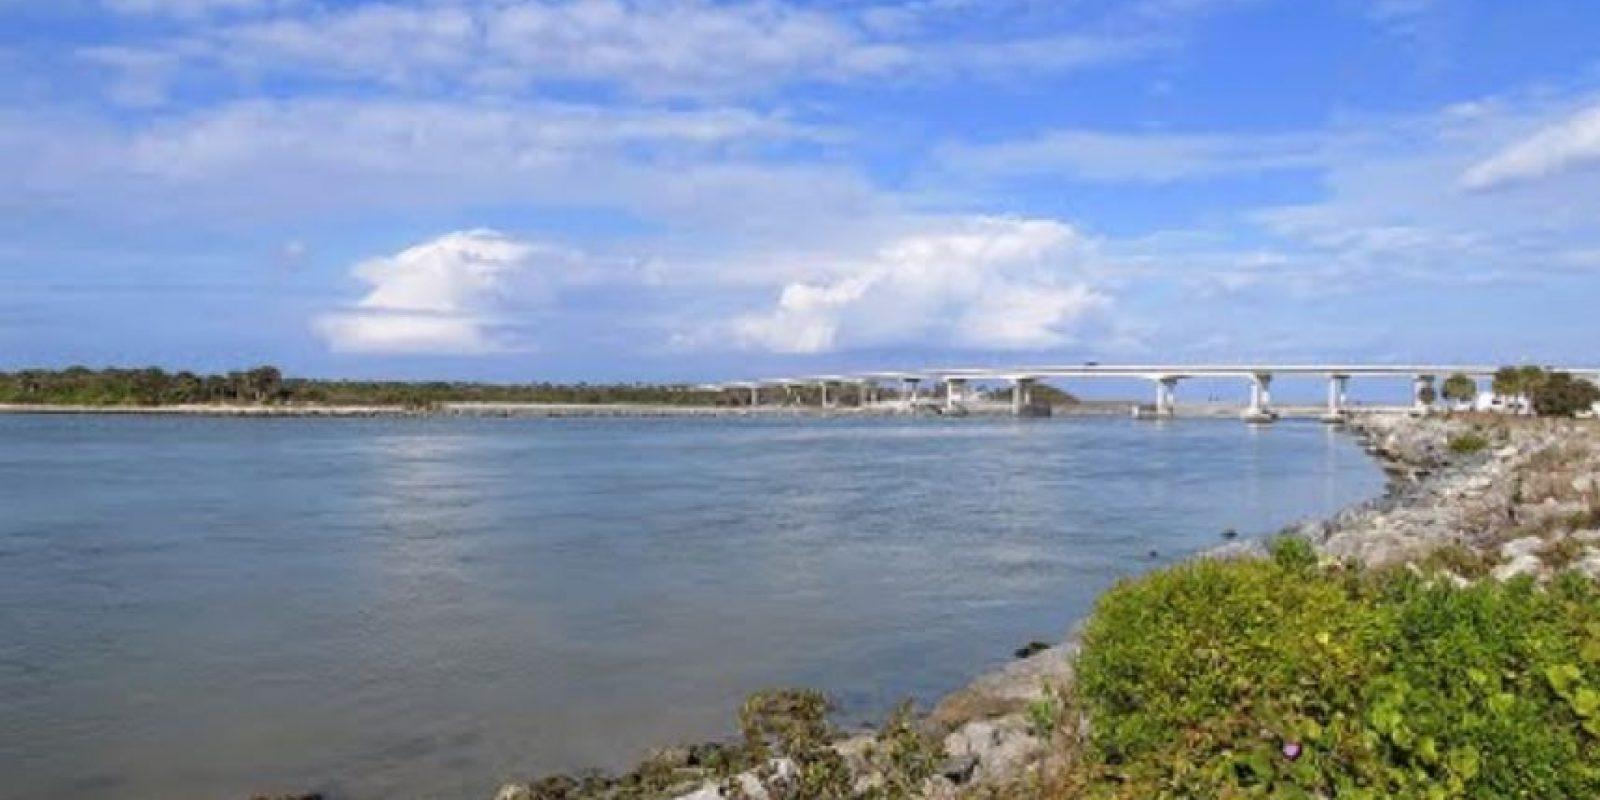 De acuerdo con las autoridades el cuerpo de Matthew Riggins se encontró en Barefoot Bay, Florida. Foto:viewphotos.org